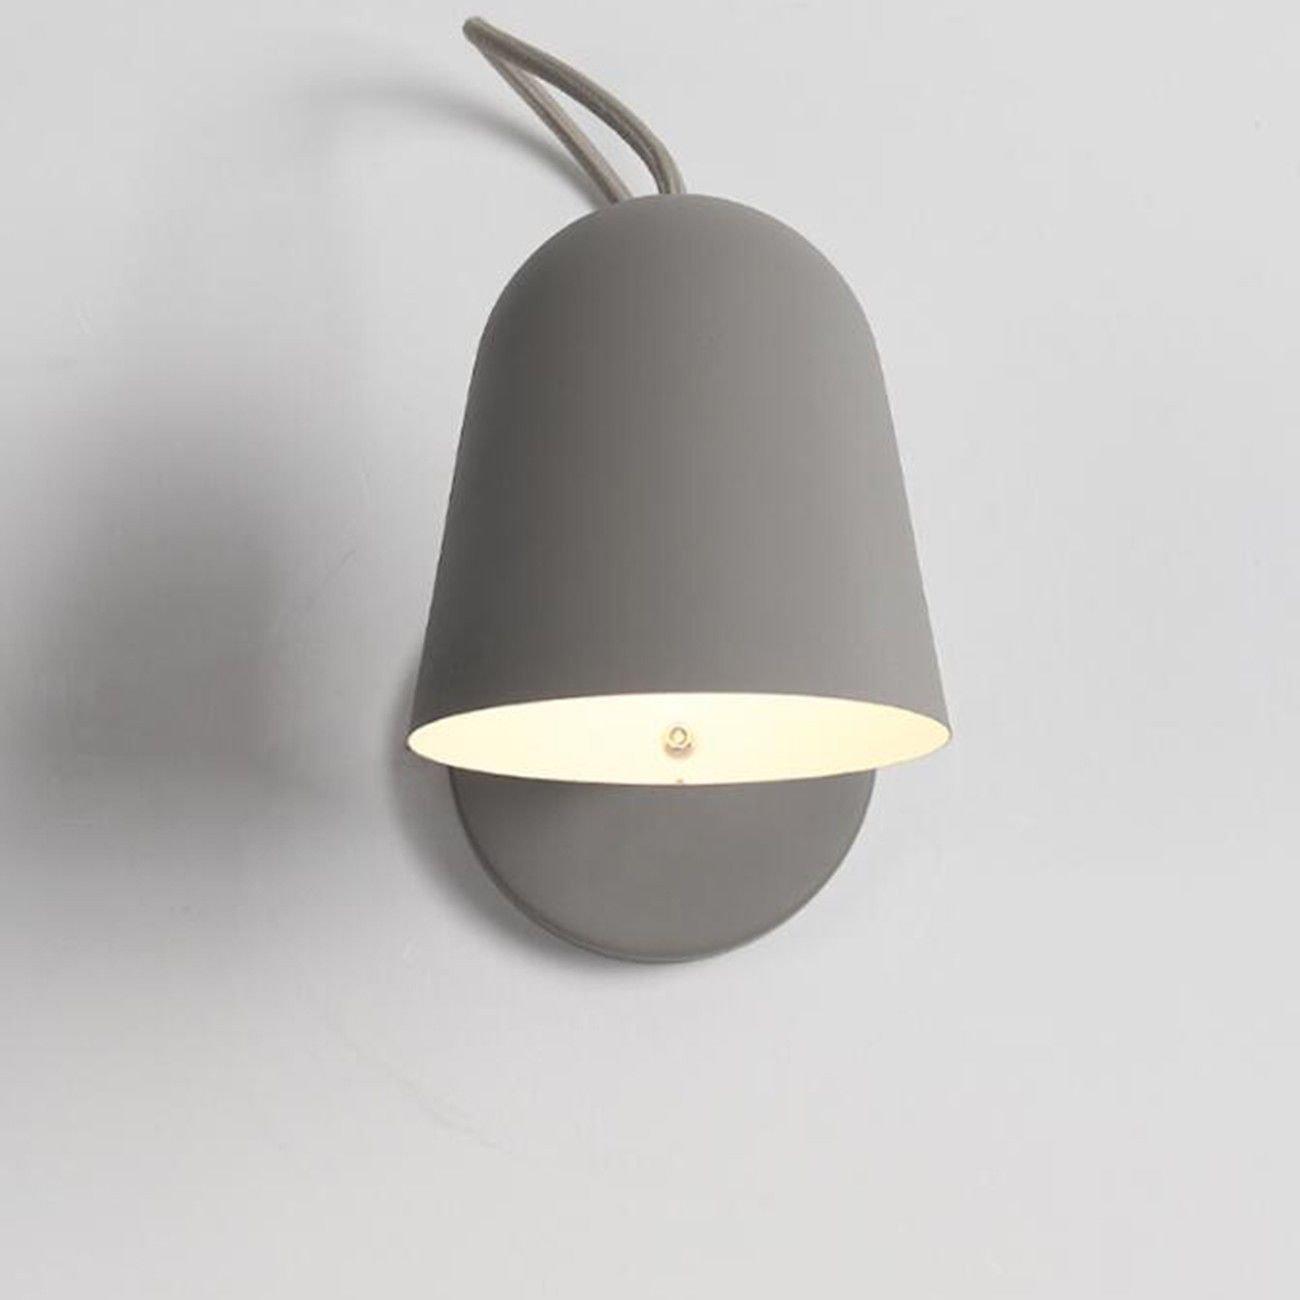 Pouluuo Des Schlafzimmer-Wandlampe modernen minimalistischen Hintergrundwandlampe-Wohnzimmer-Gangs kreative Nachttischlampe a